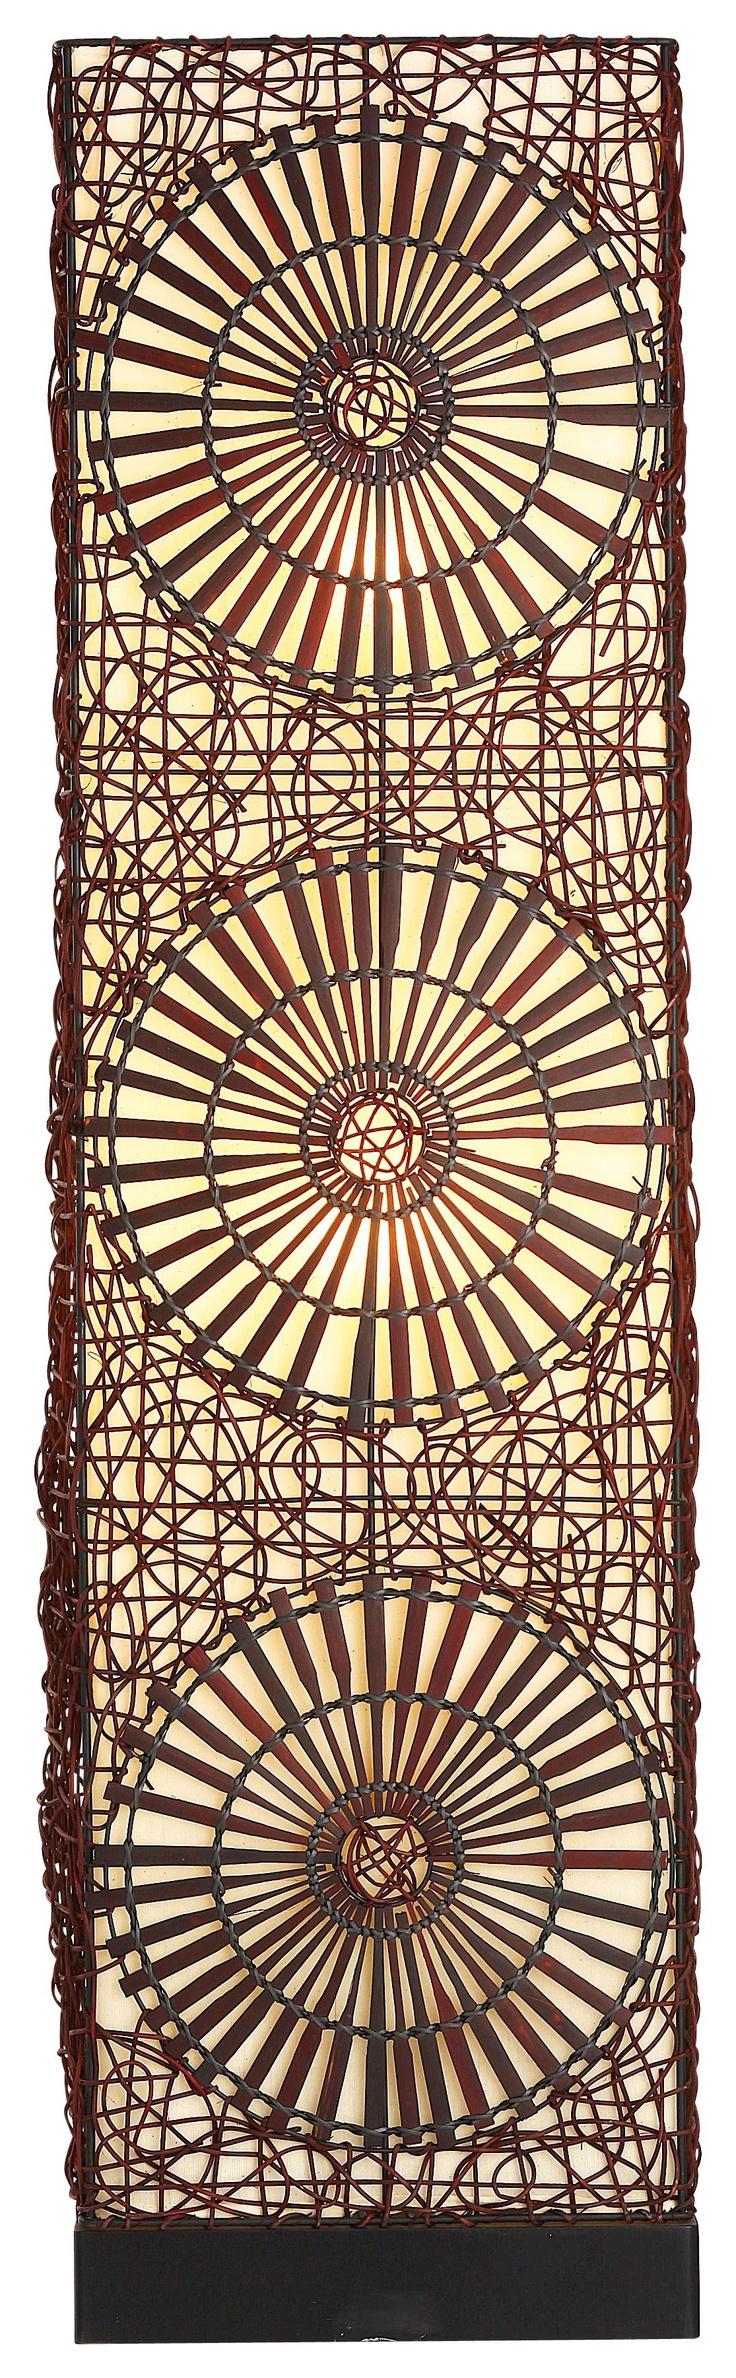 Lampe de sol Maori style Voyages en vente dans les magasins BUT